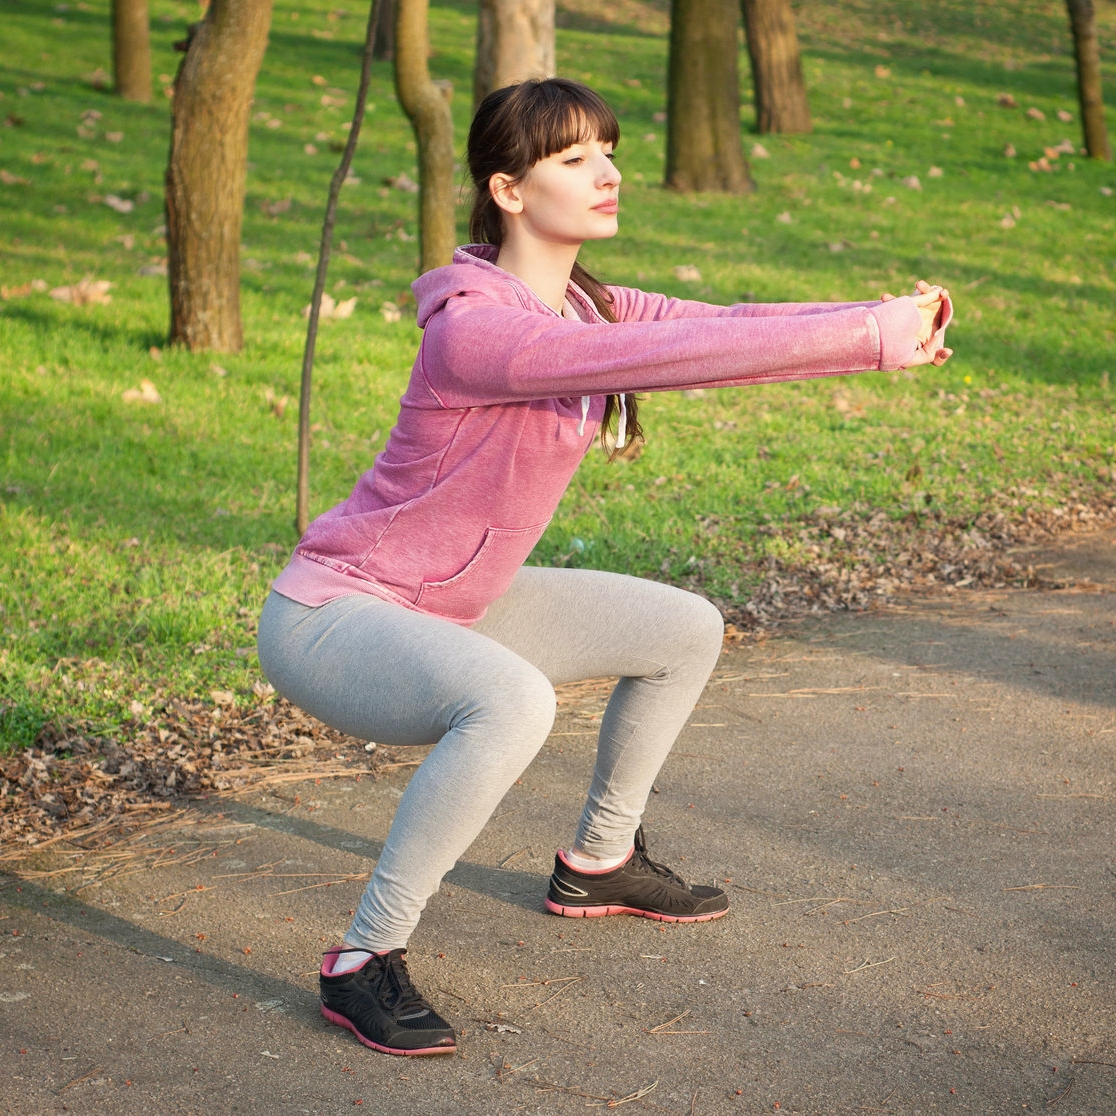 - 1.Realiza sentadillas. Estas ayudan a fortalecer las piernas. Recuerda bajar con la espalda recta, sacar la cola y estar atento a que las rodillas no pasen la punta de los pies.